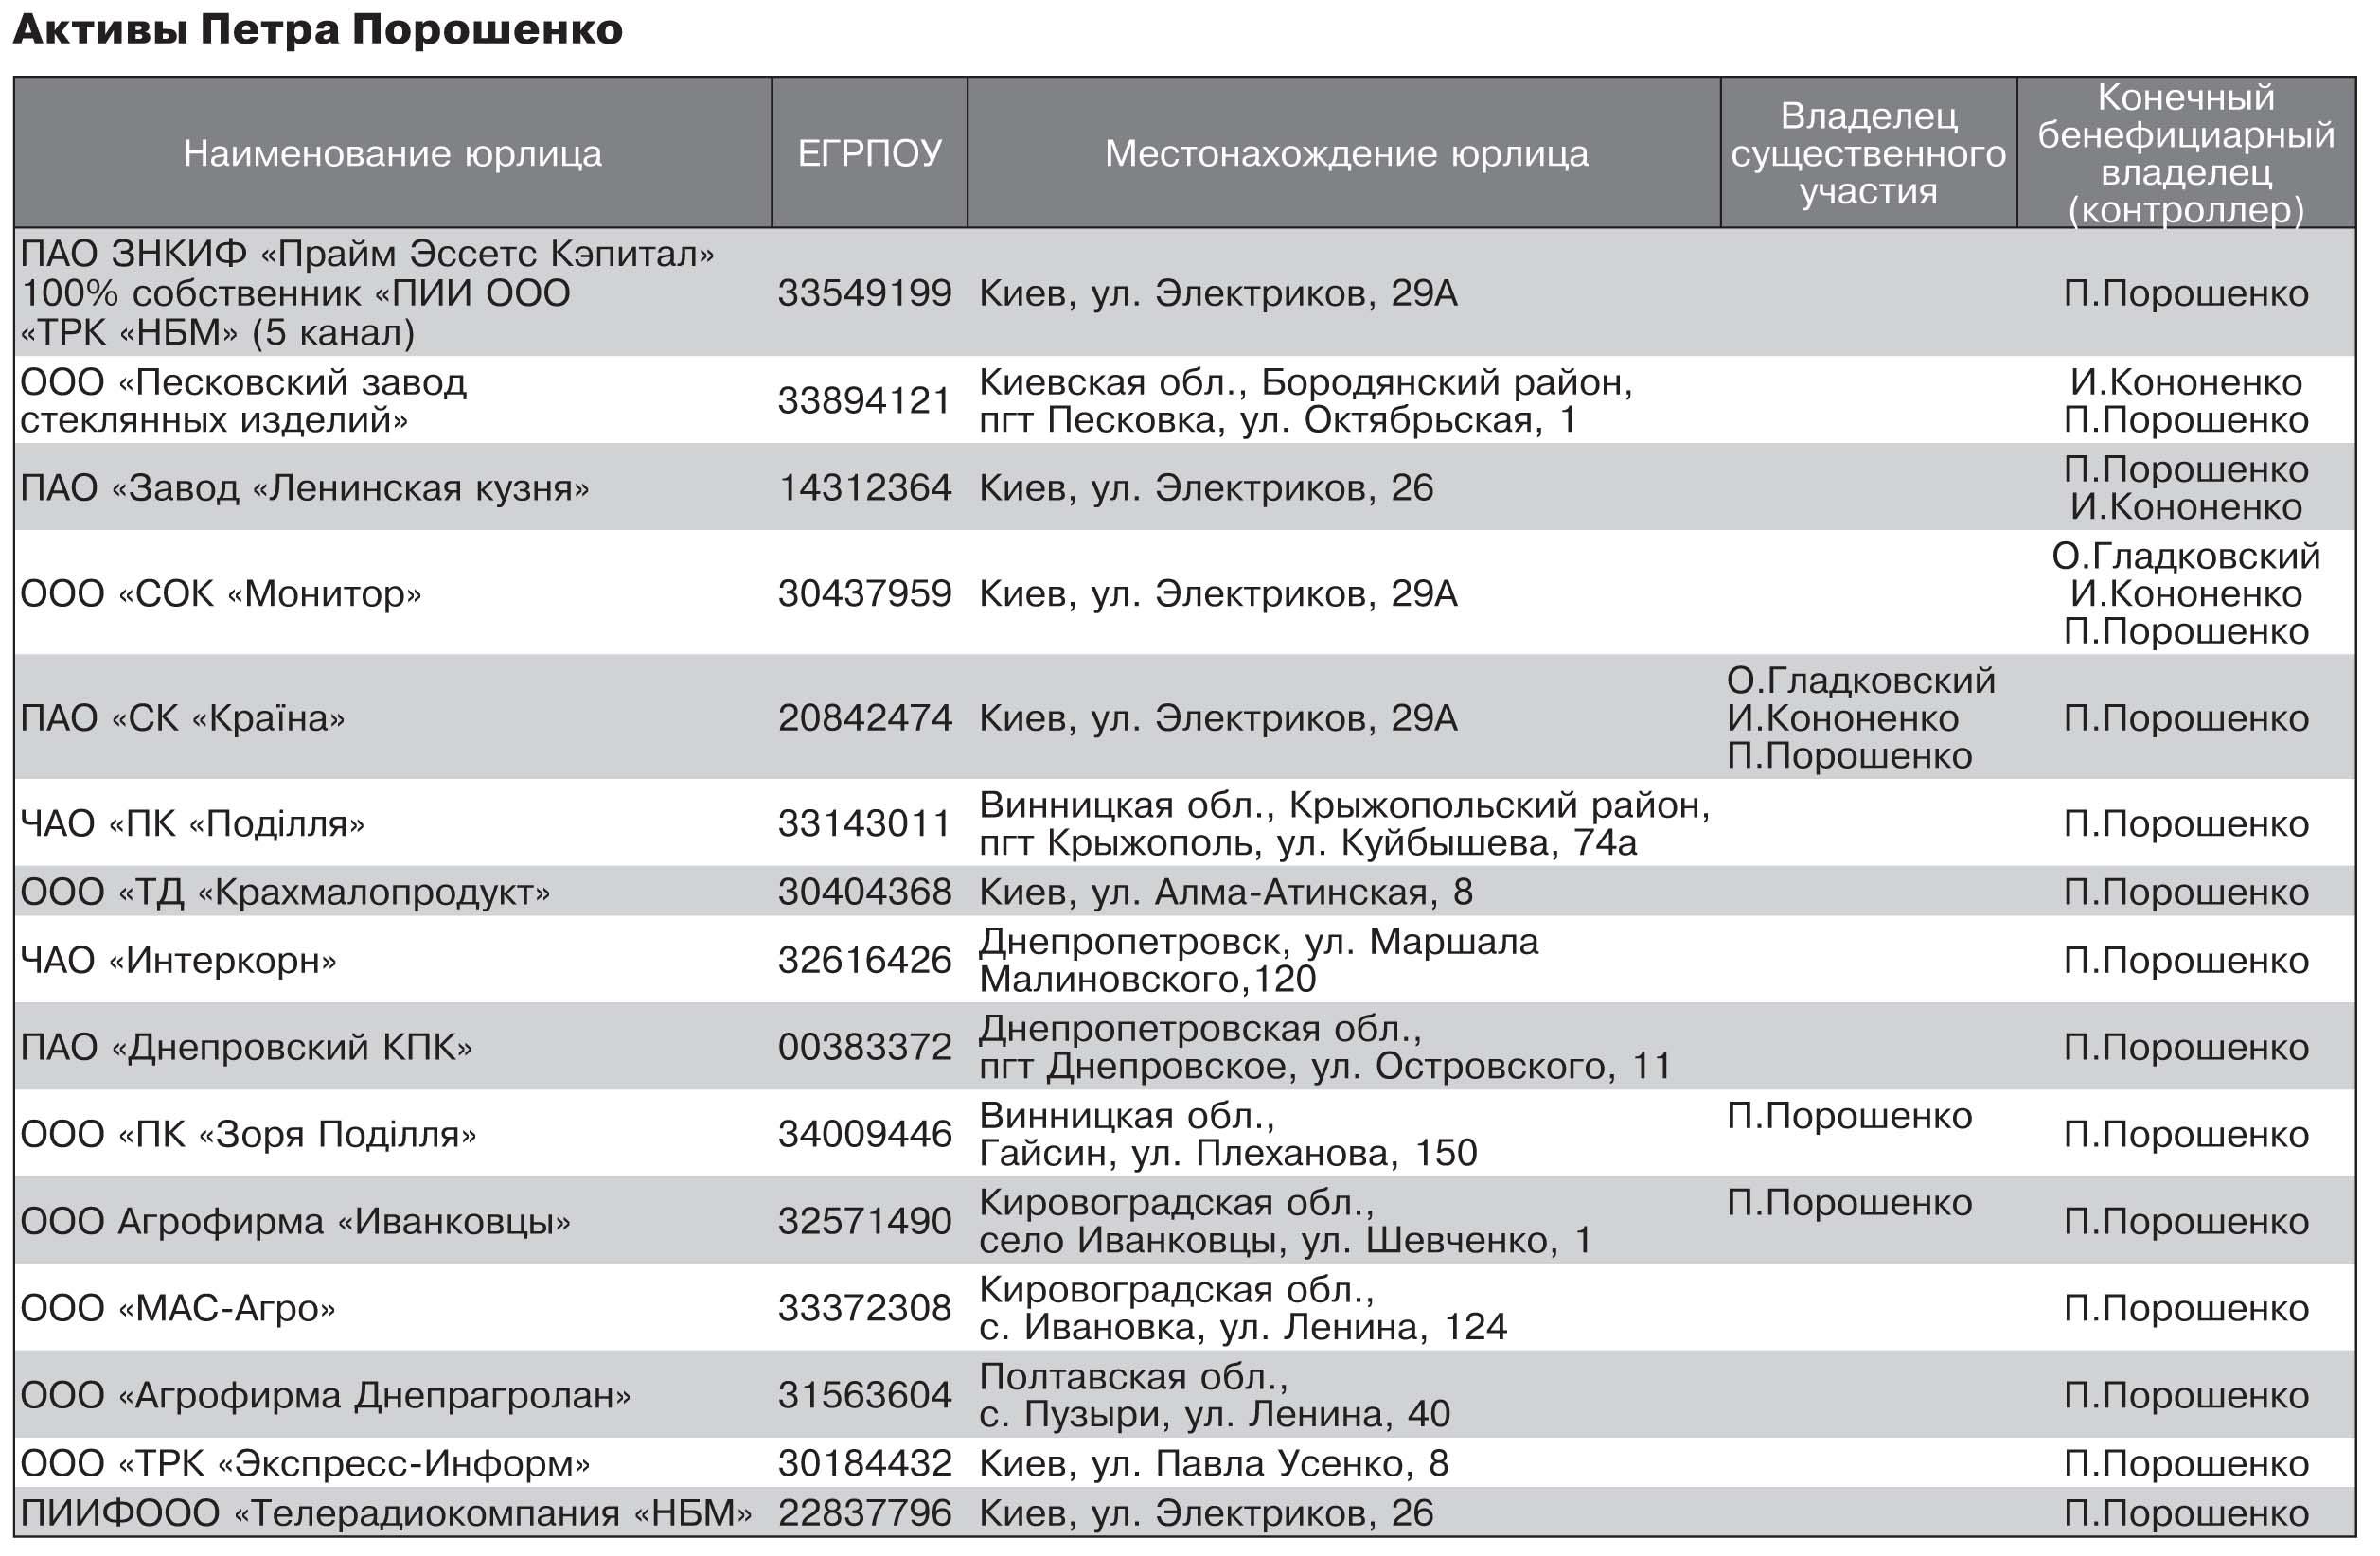 Обнародовали полный список активов президента Порошенко